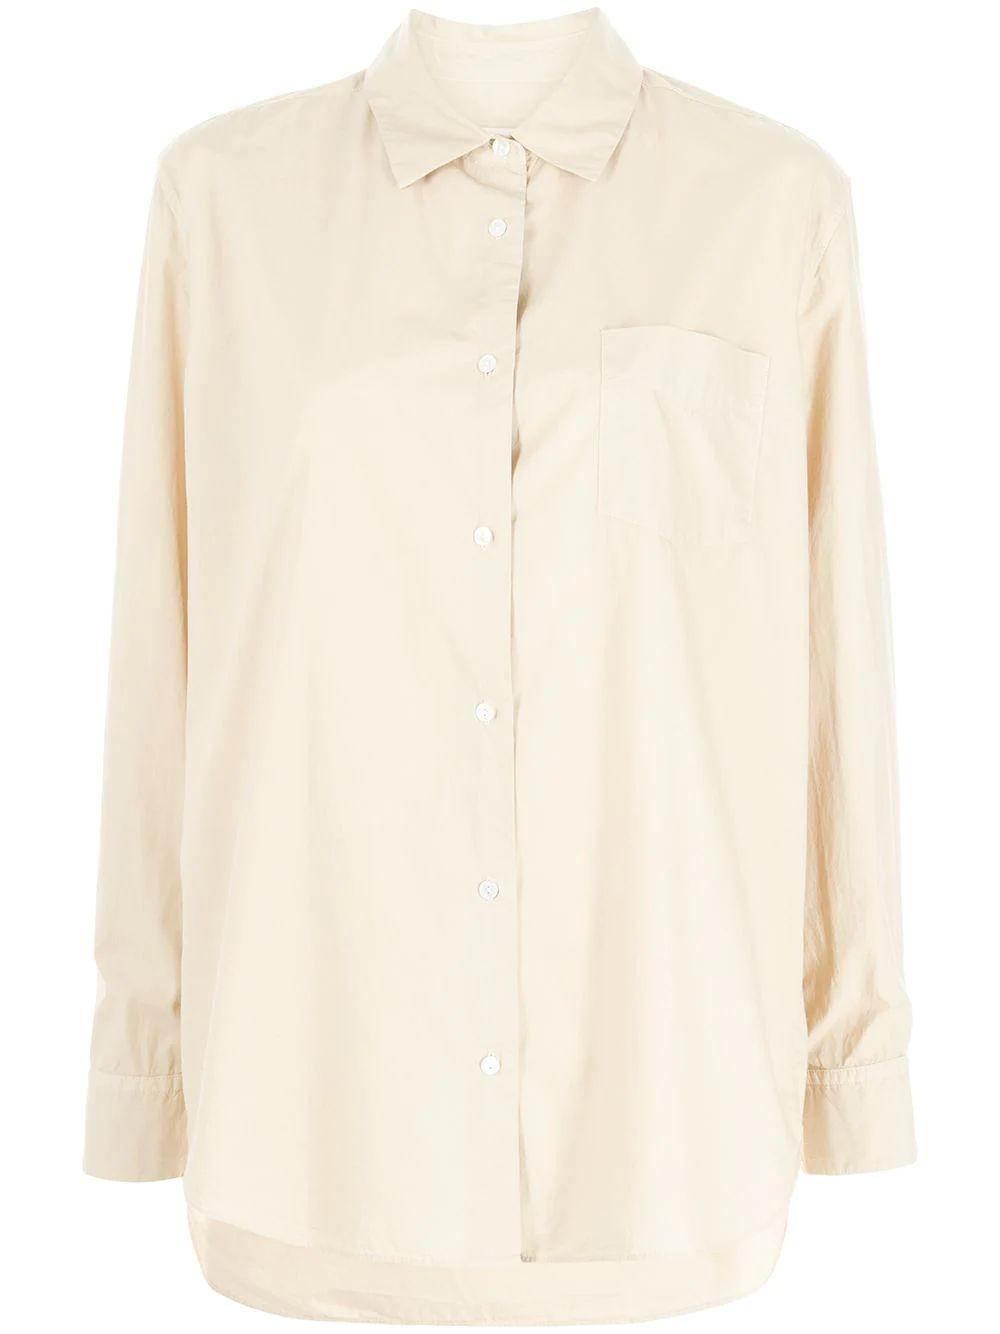 Kristen Relaxed Button Up Shirt Item # 11326-W154